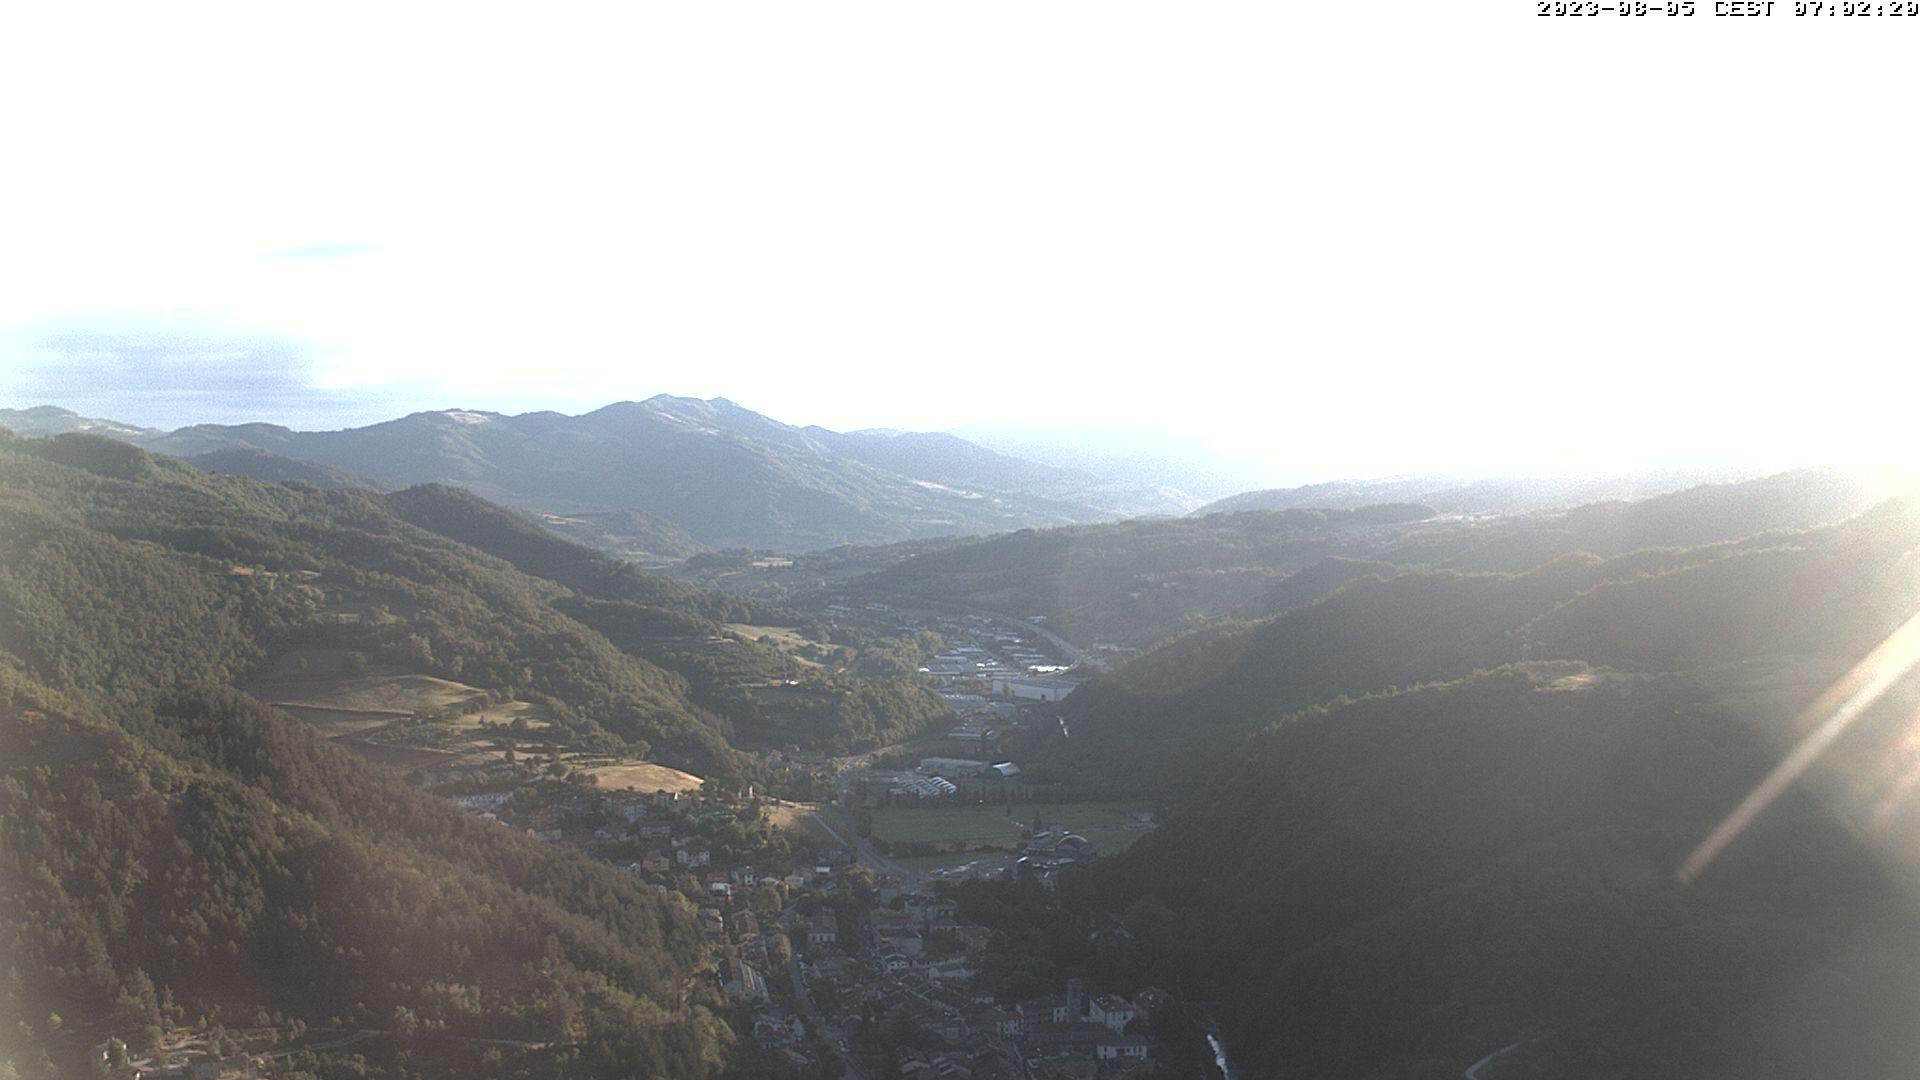 Webcam Forli-Cesena - Meteo Forli-Cesena